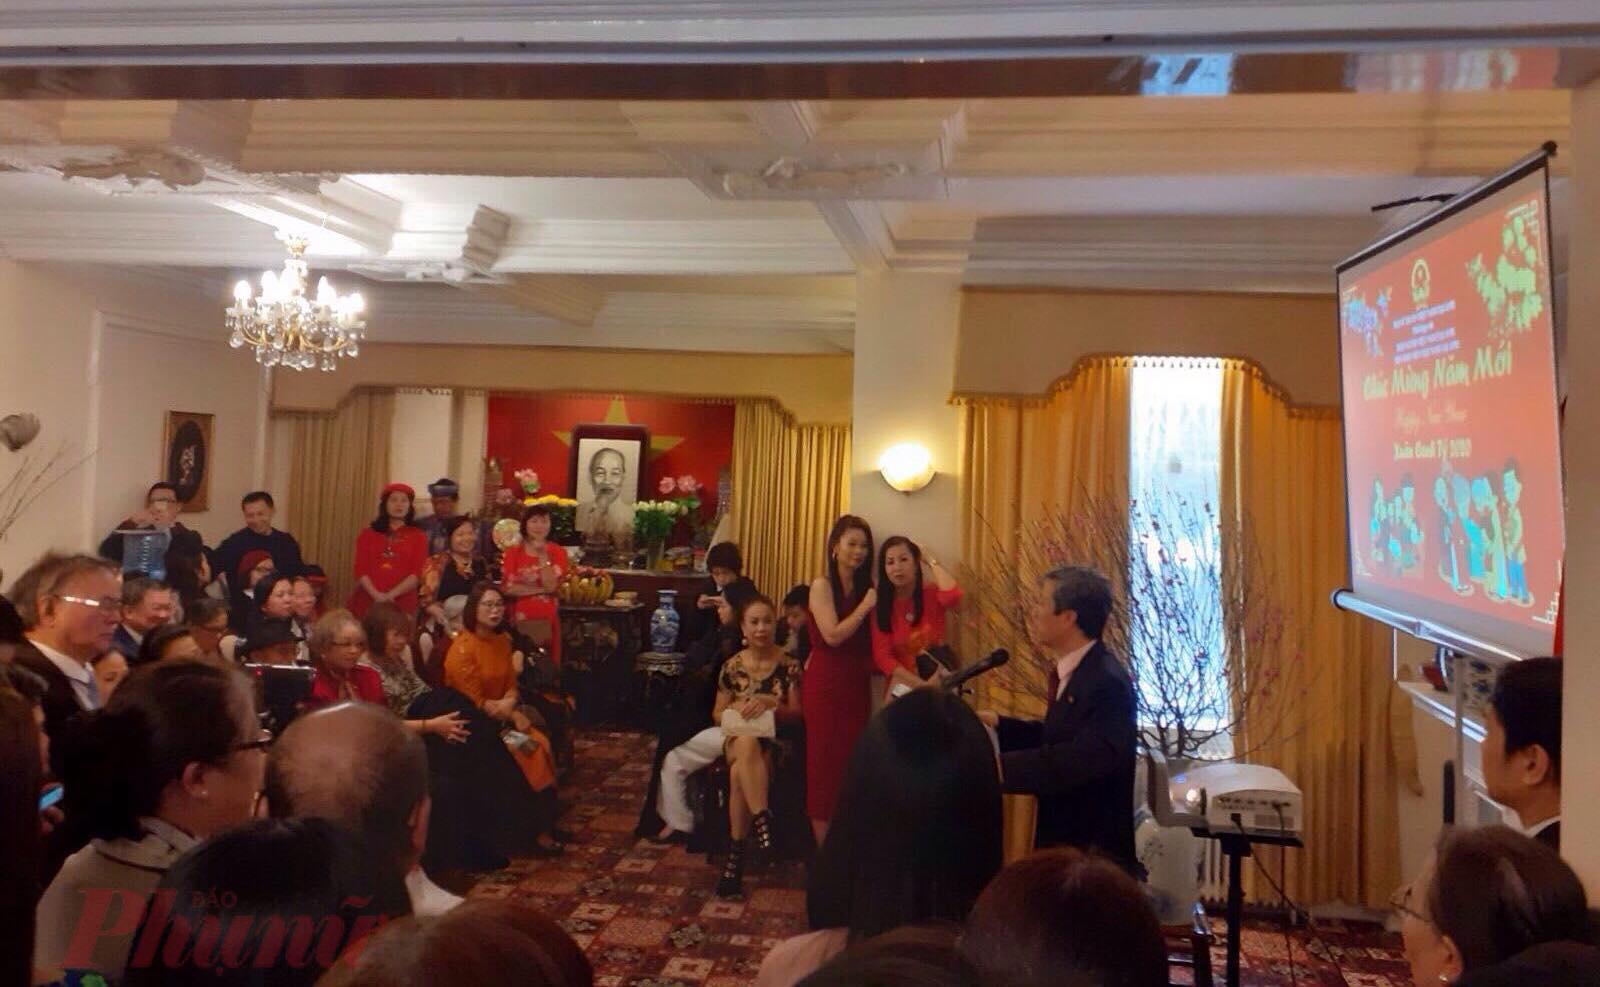 Buổi gặp gỡ thân tình của cộng đồng người Việt tại Đại sứ quán Việt Nam ở Anh